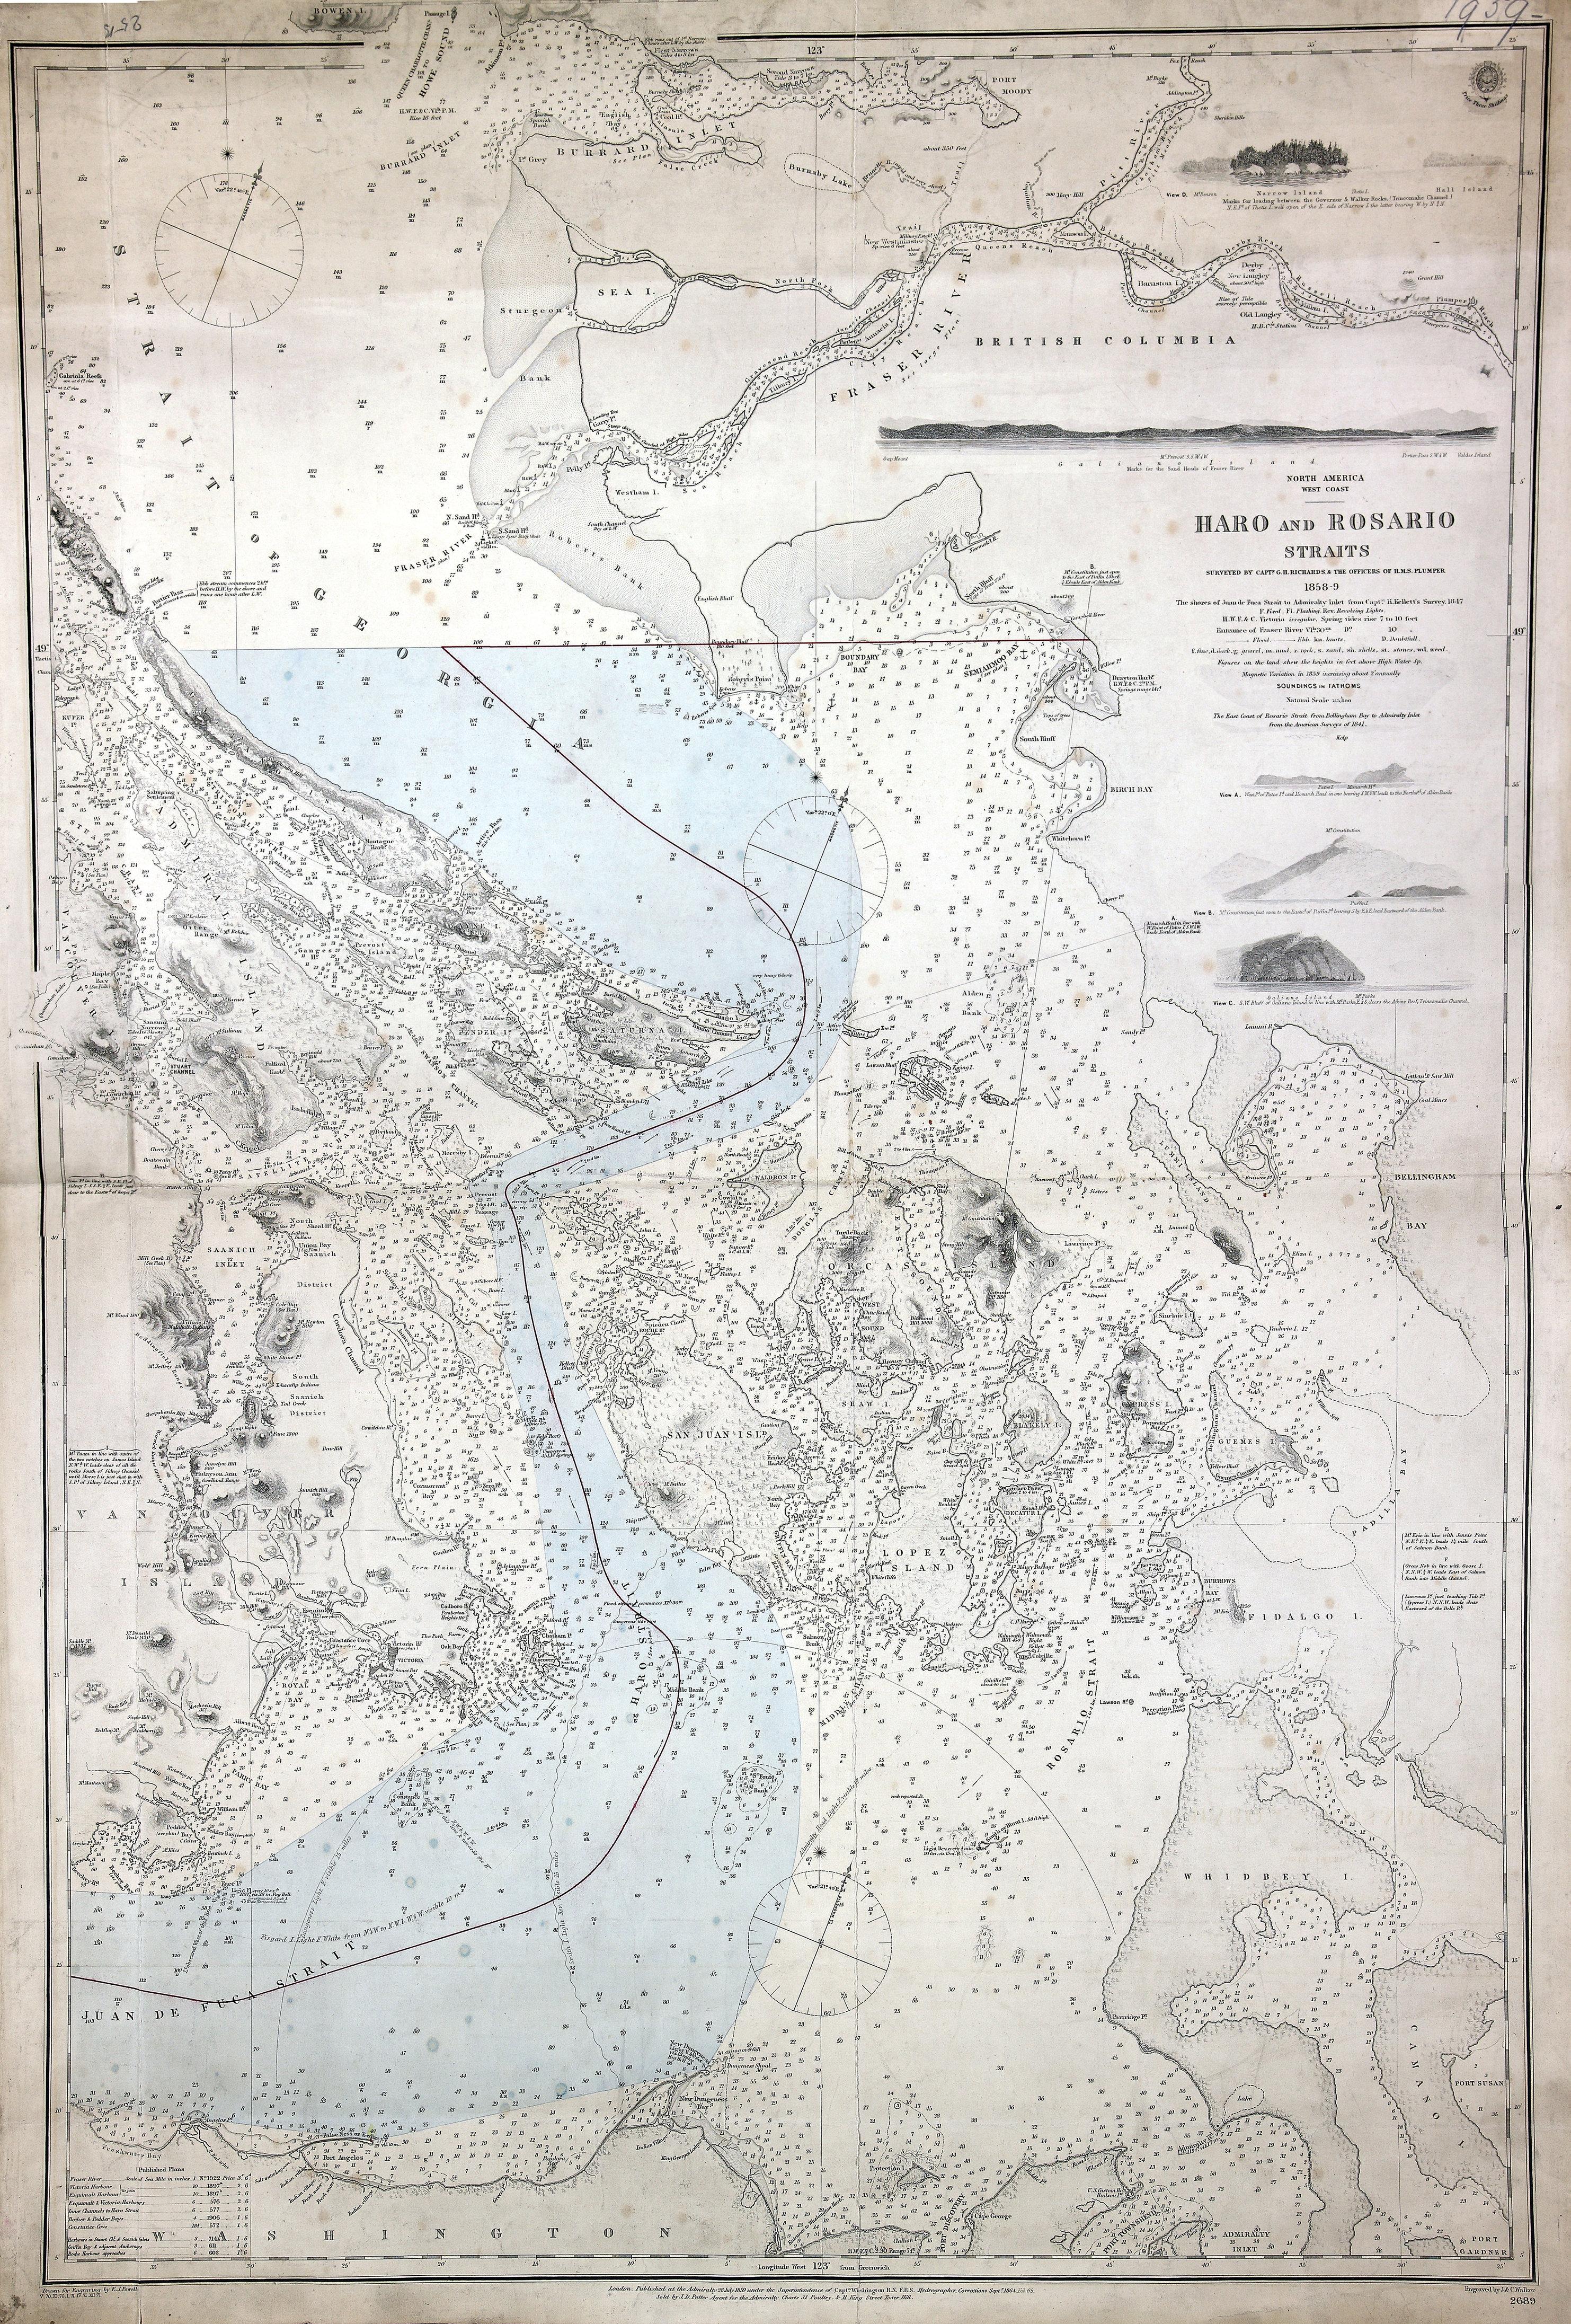 Haro and Rosario Straits.